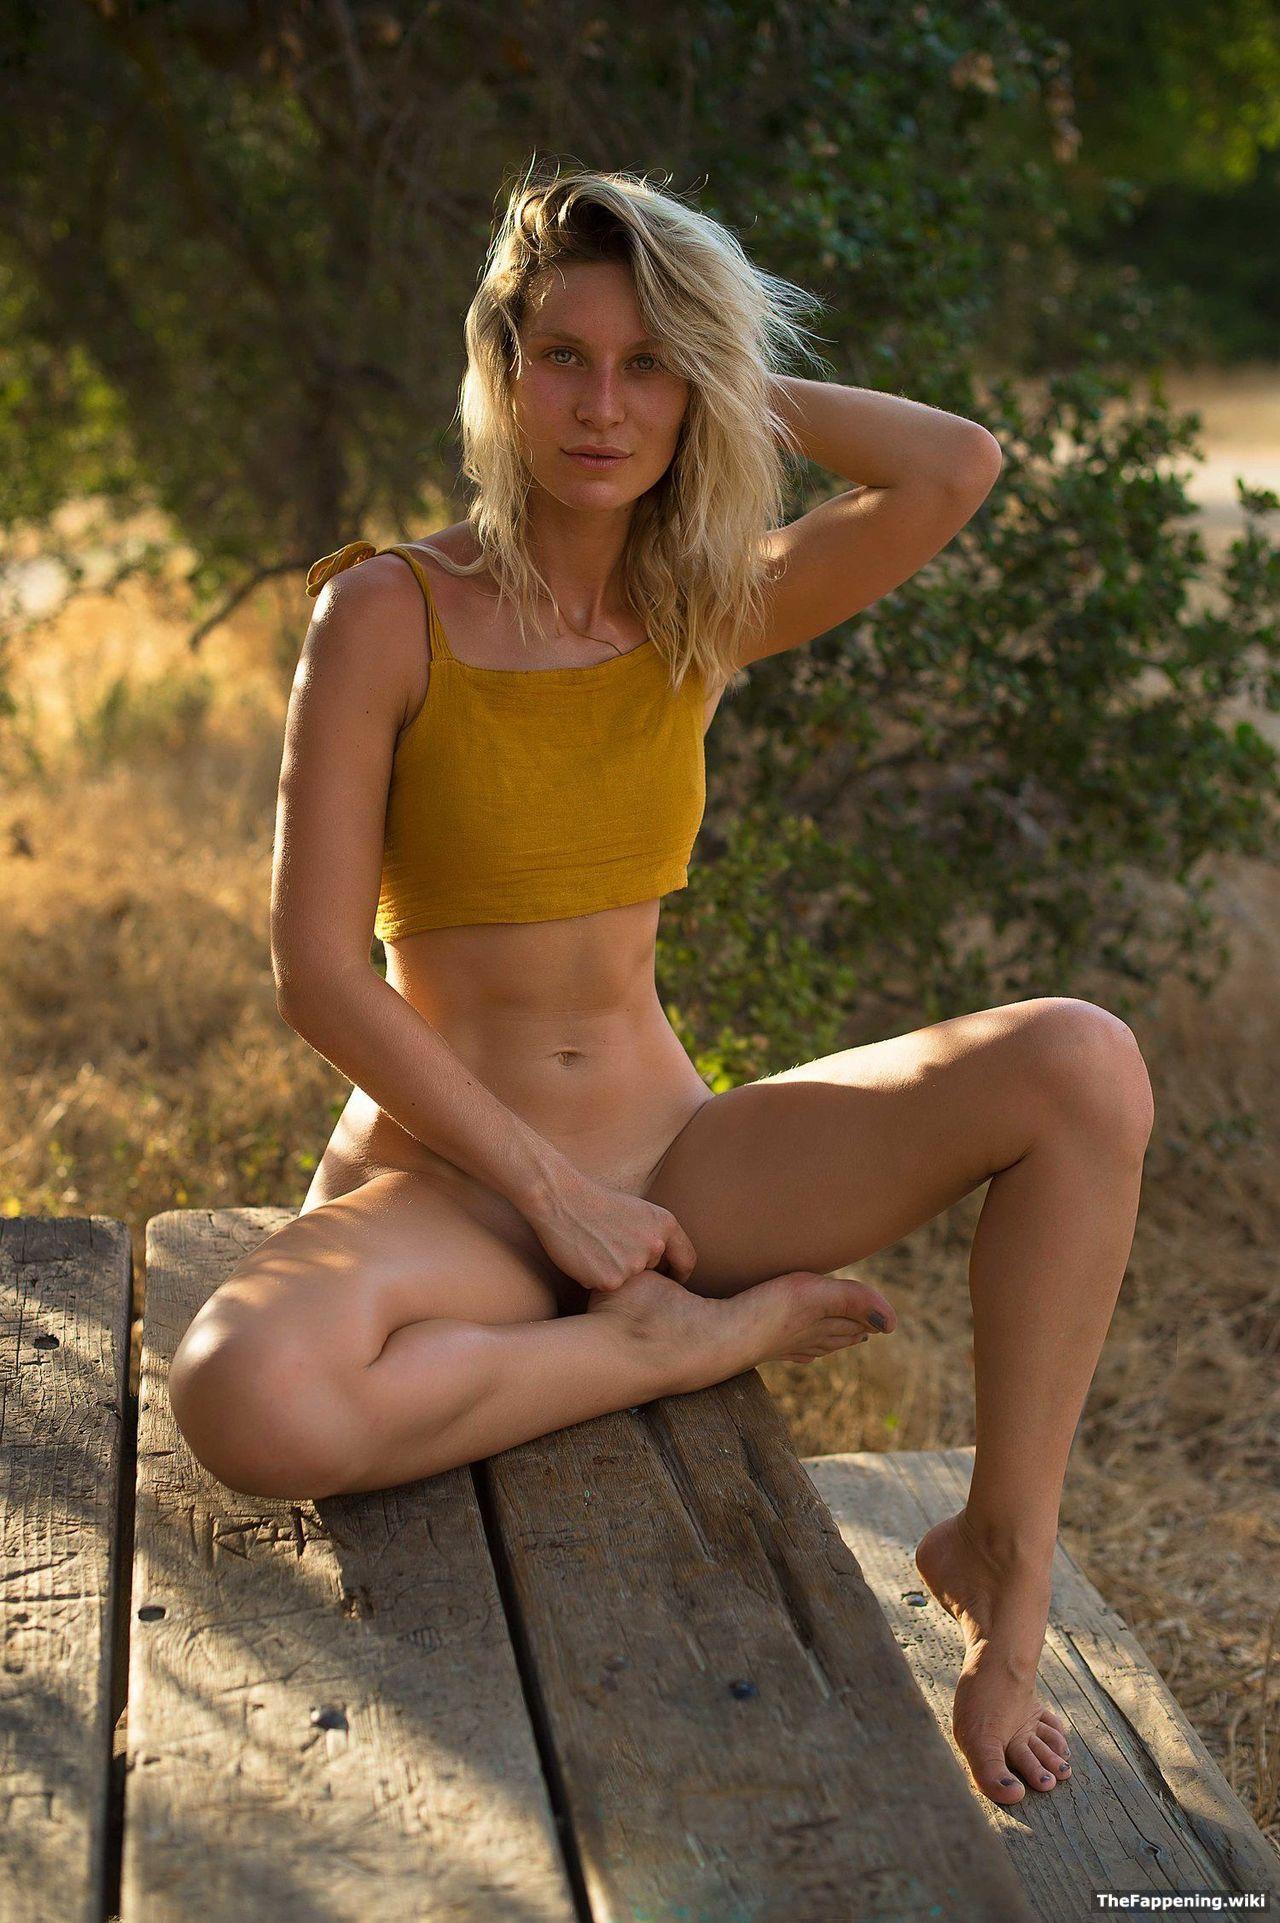 XXX Kreayshawn naked (67 photos), Topless, Sideboobs, Instagram, butt 2017